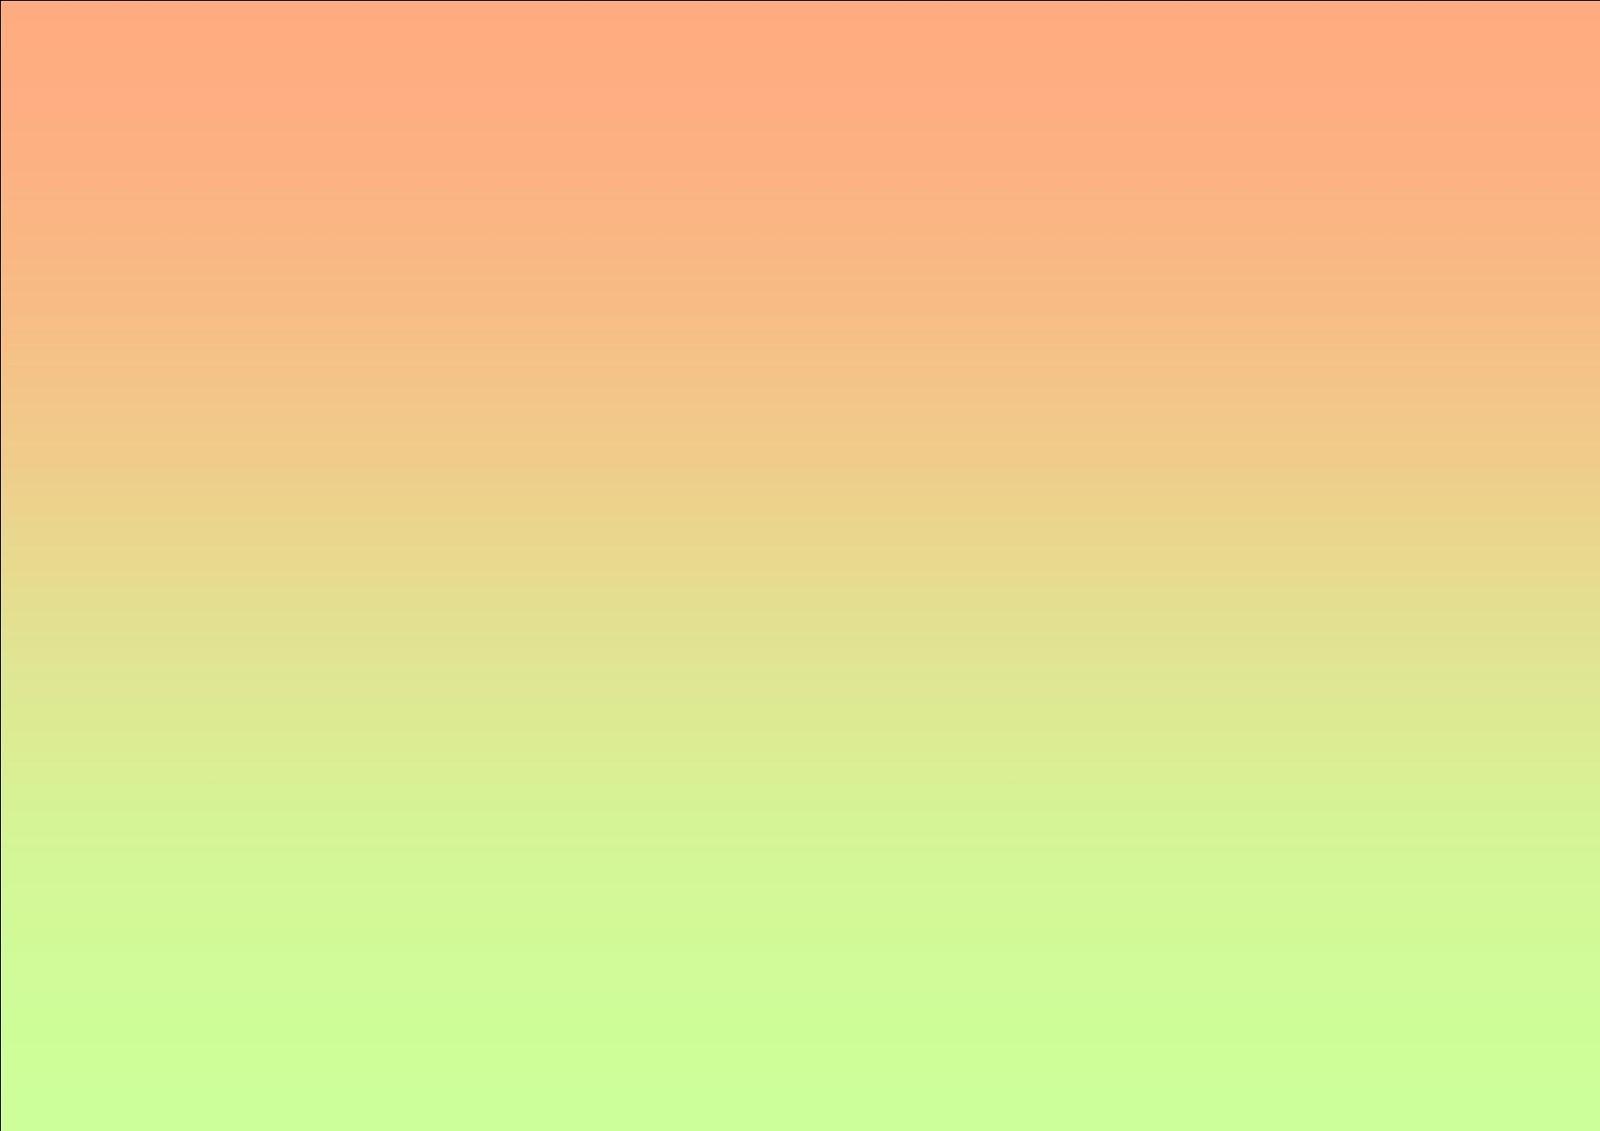 fondos con colores - photo #43